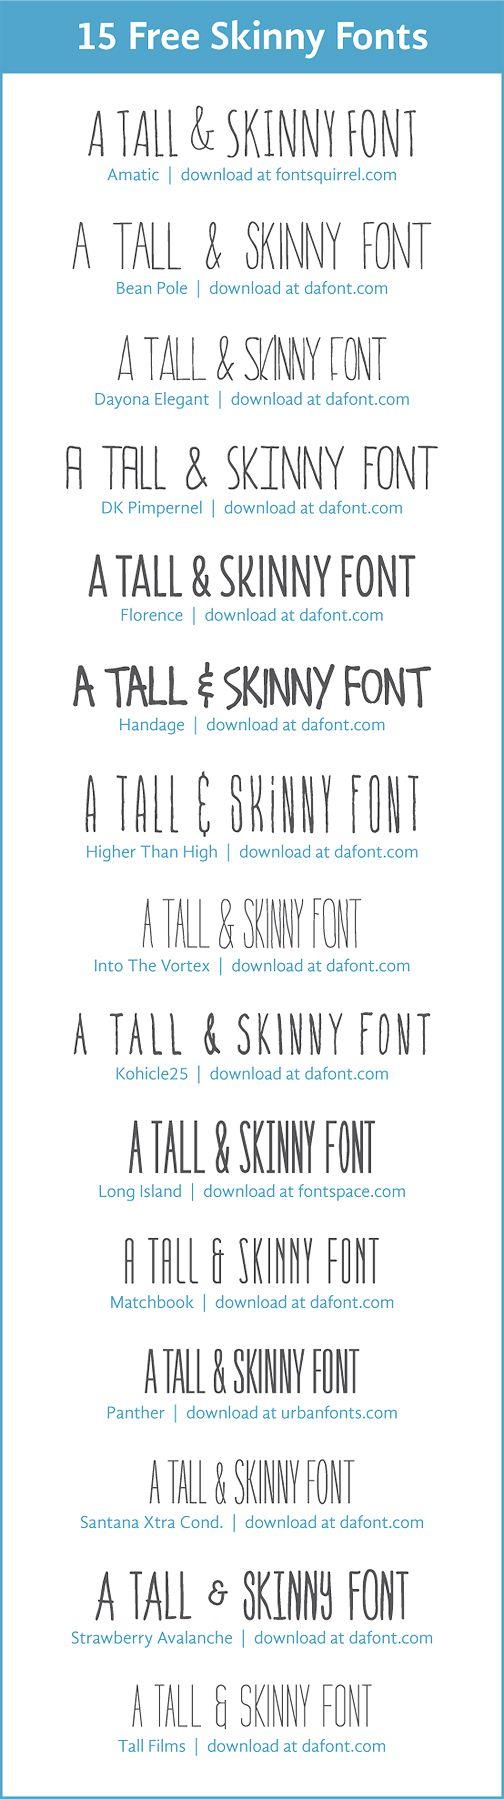 15 free skinny fonts